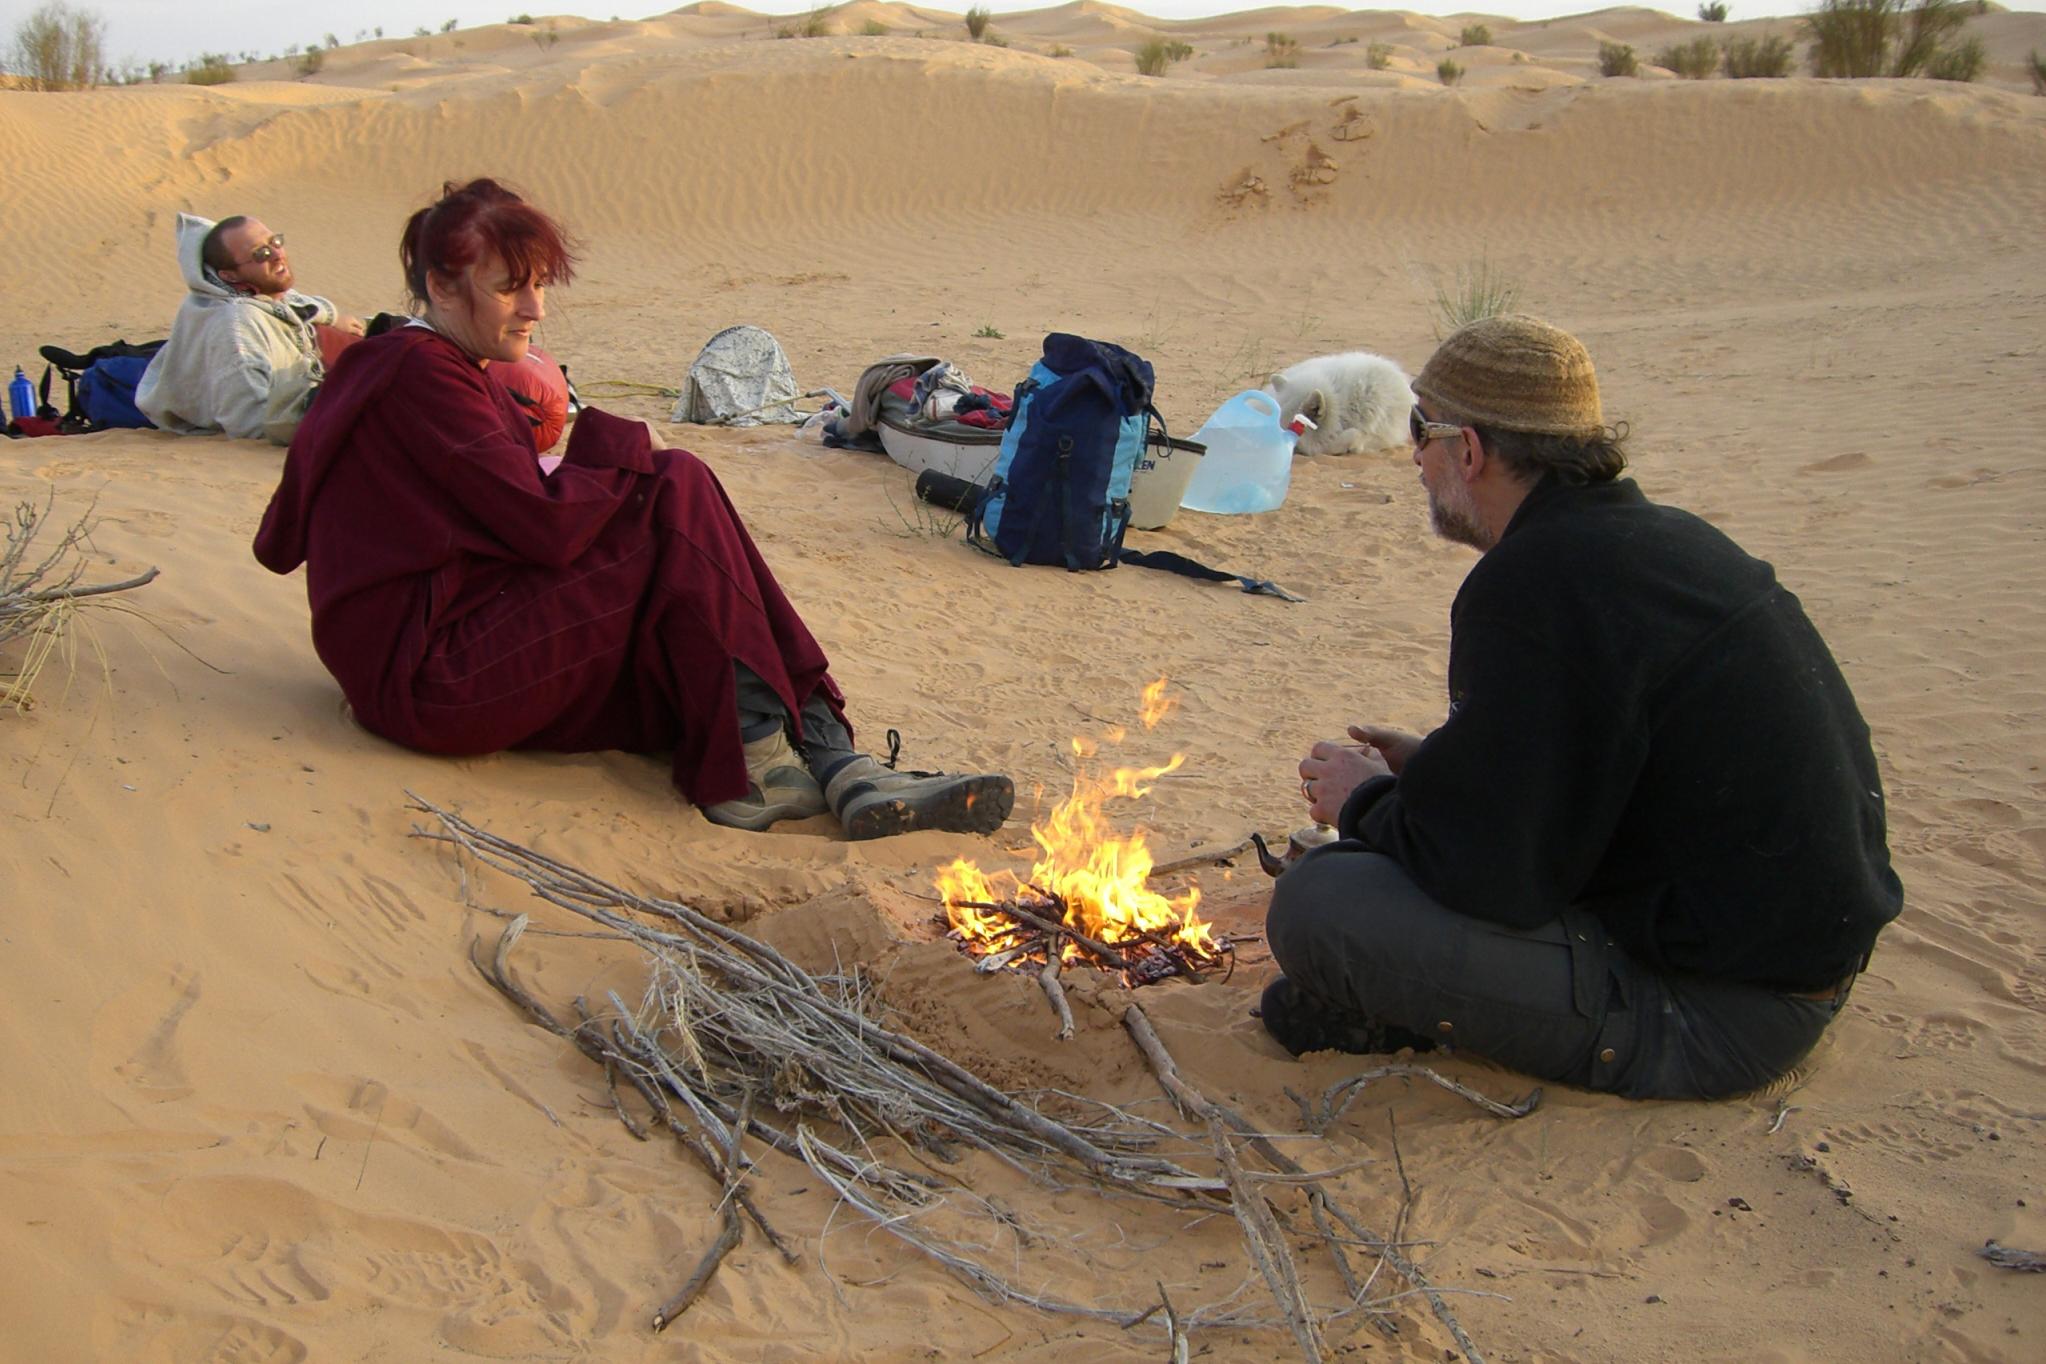 Abenteuerreise Tunesien: Ohne Zeit und Grenzen 1